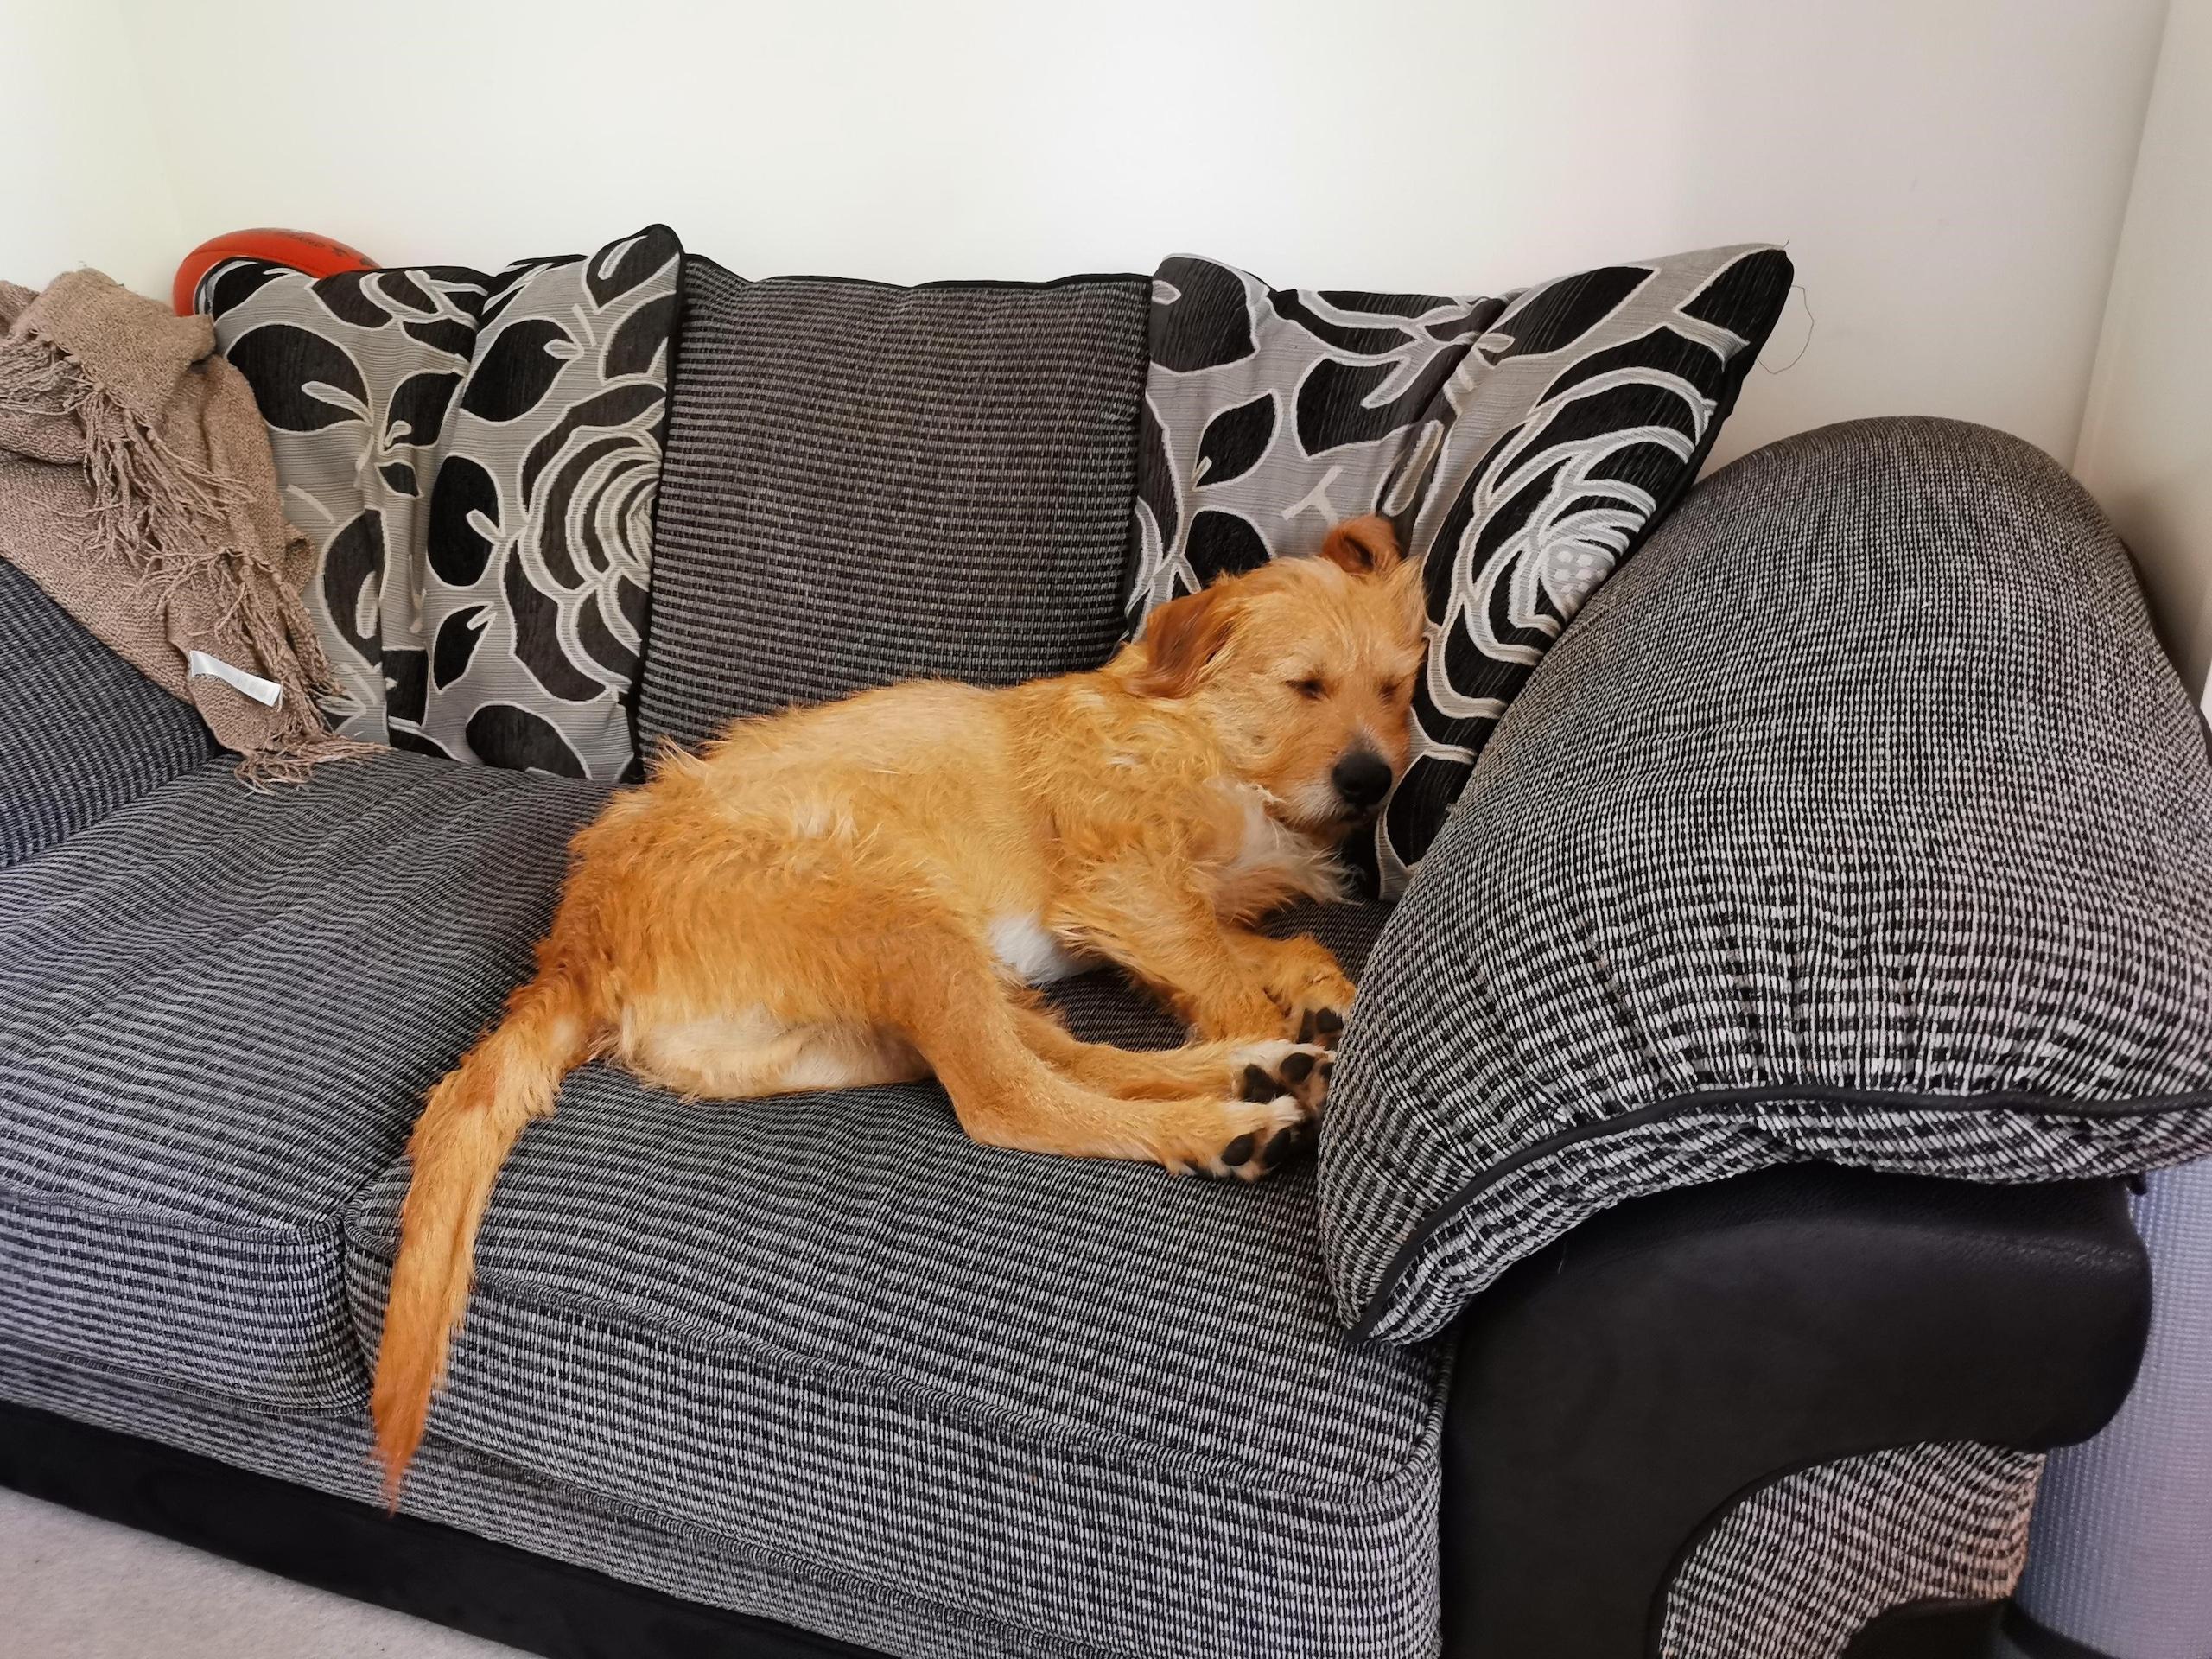 Cai on sofa